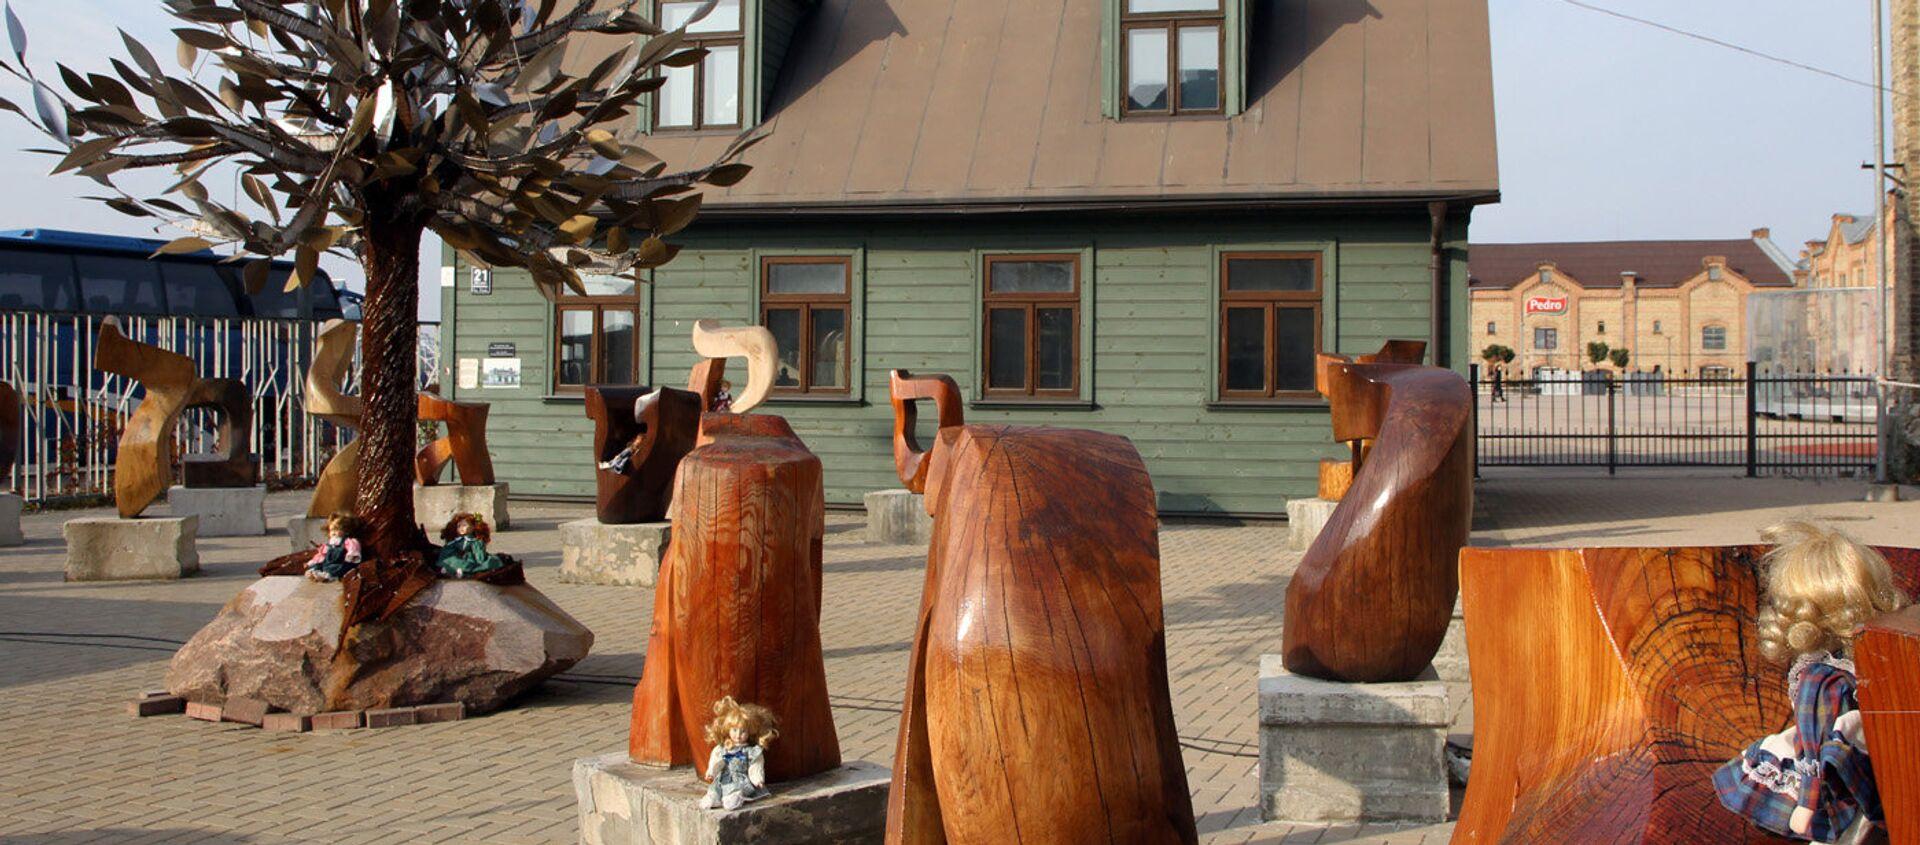 Траурные мероприятия в память о малолетних жертвах холокоста в музее Рижского гетто - Sputnik Латвия, 1920, 15.10.2020